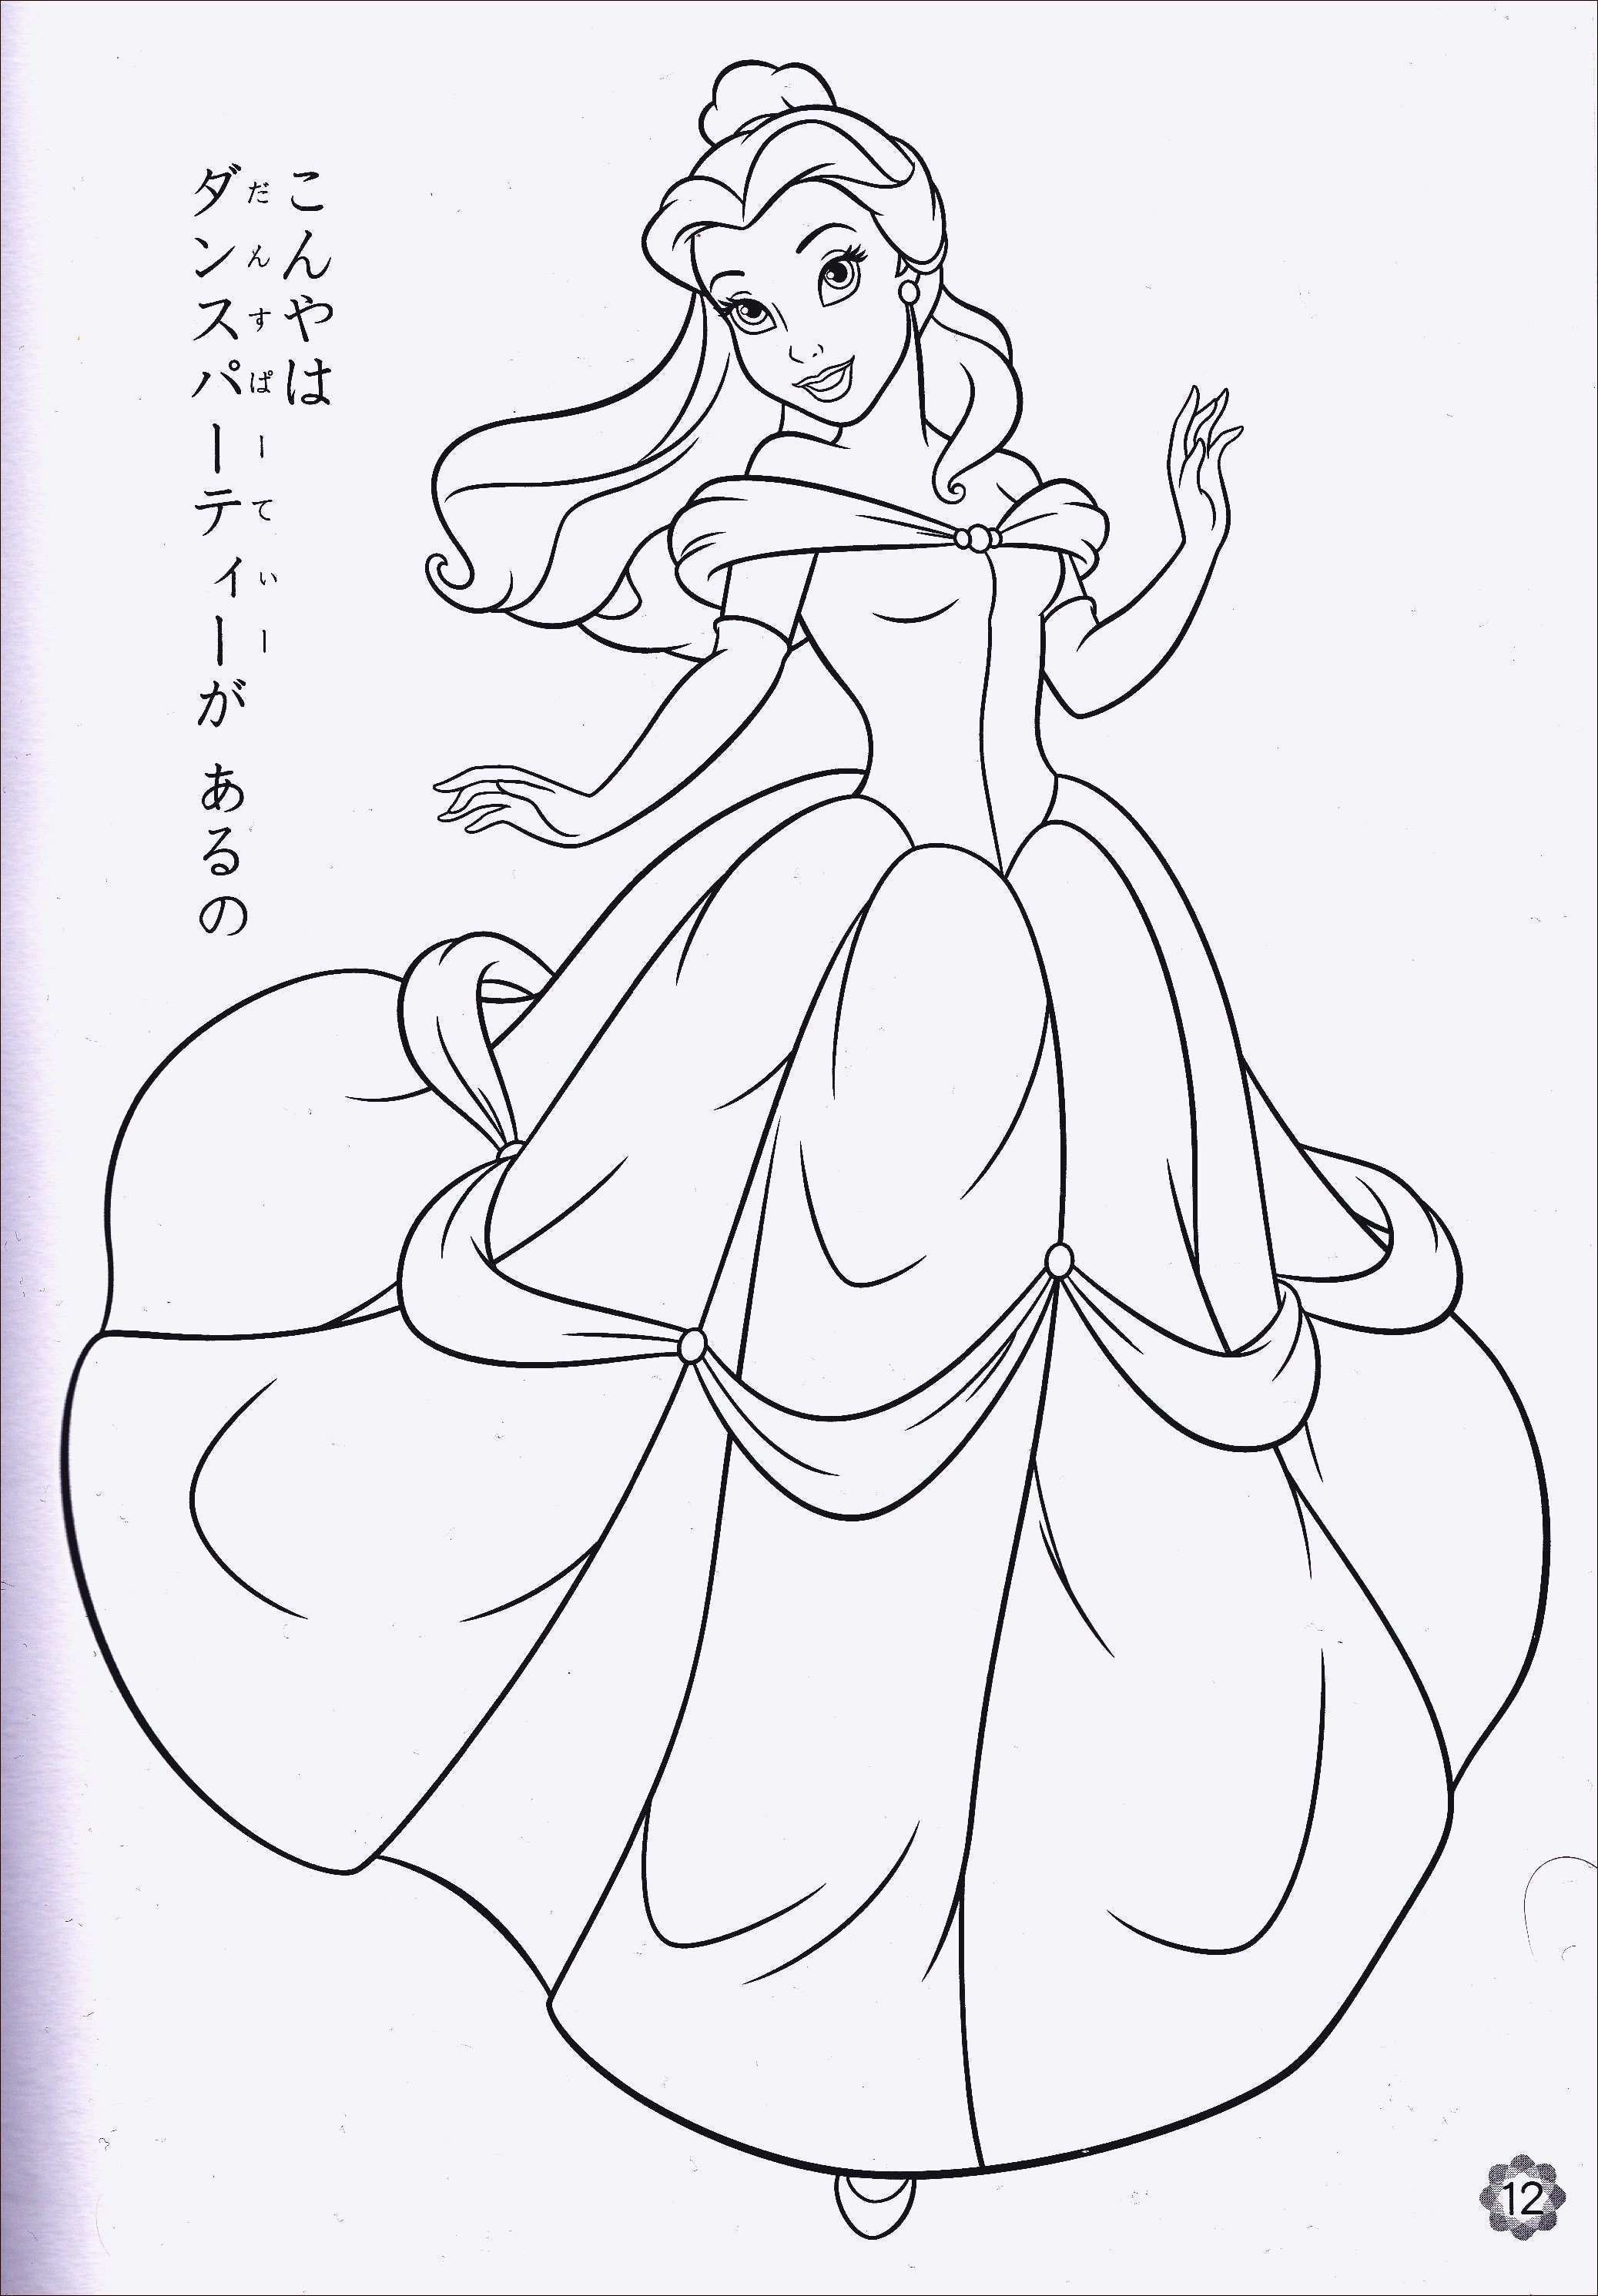 Ausmalbilder Queen Elizabeth Frisch 50 Disney Princess Magazine Magazine Gallery Das Bild